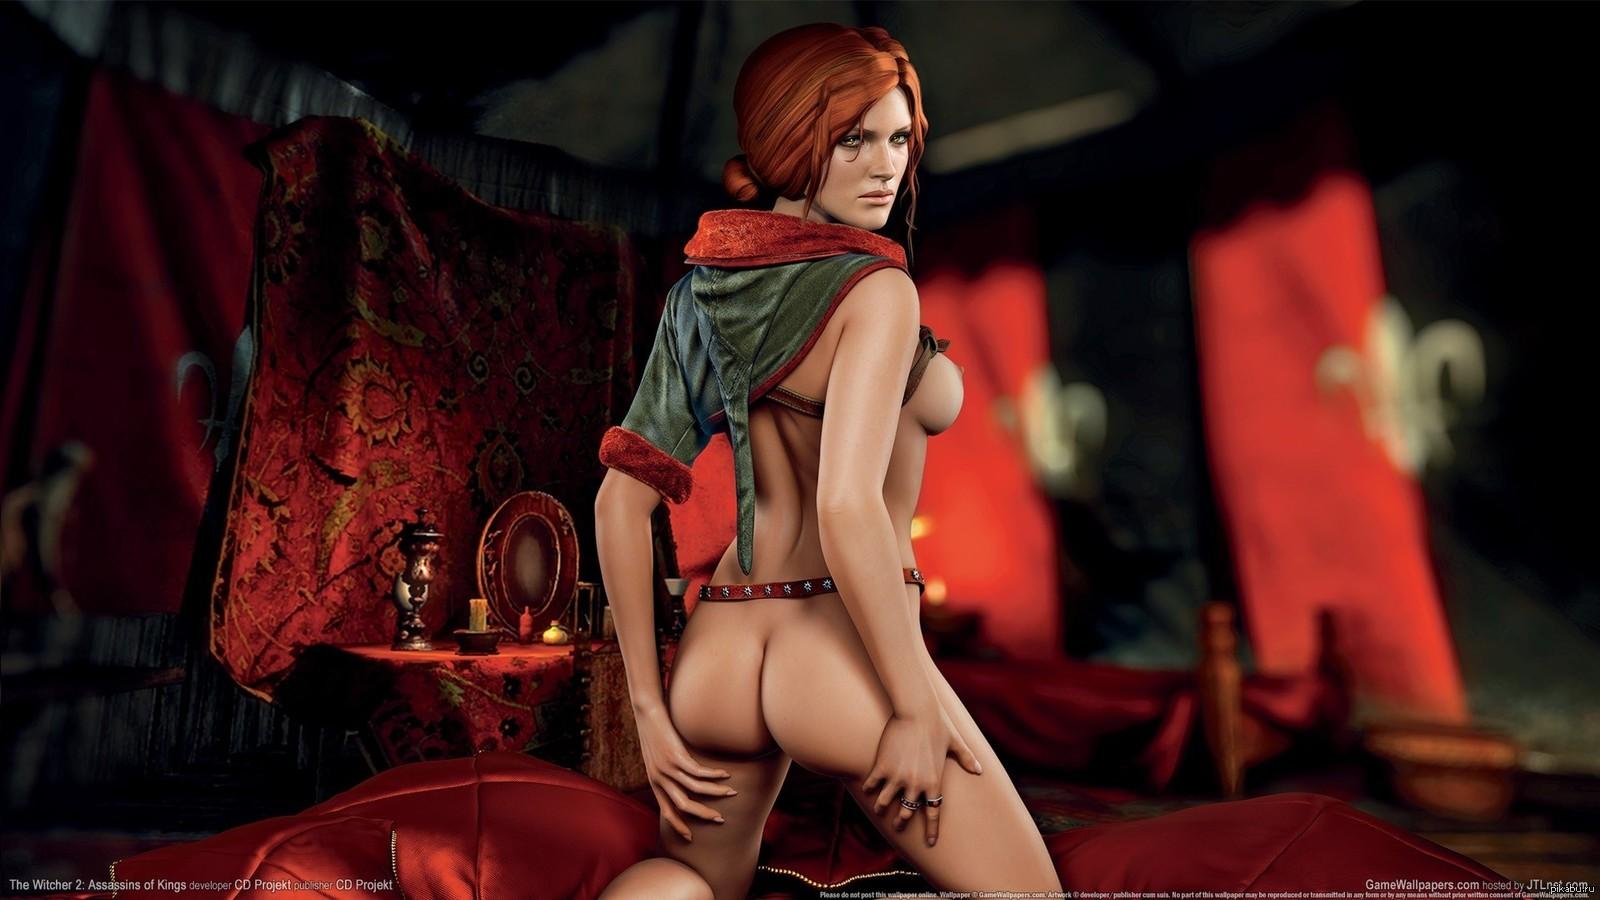 Сексуальные фото персонажей игр 1 фотография